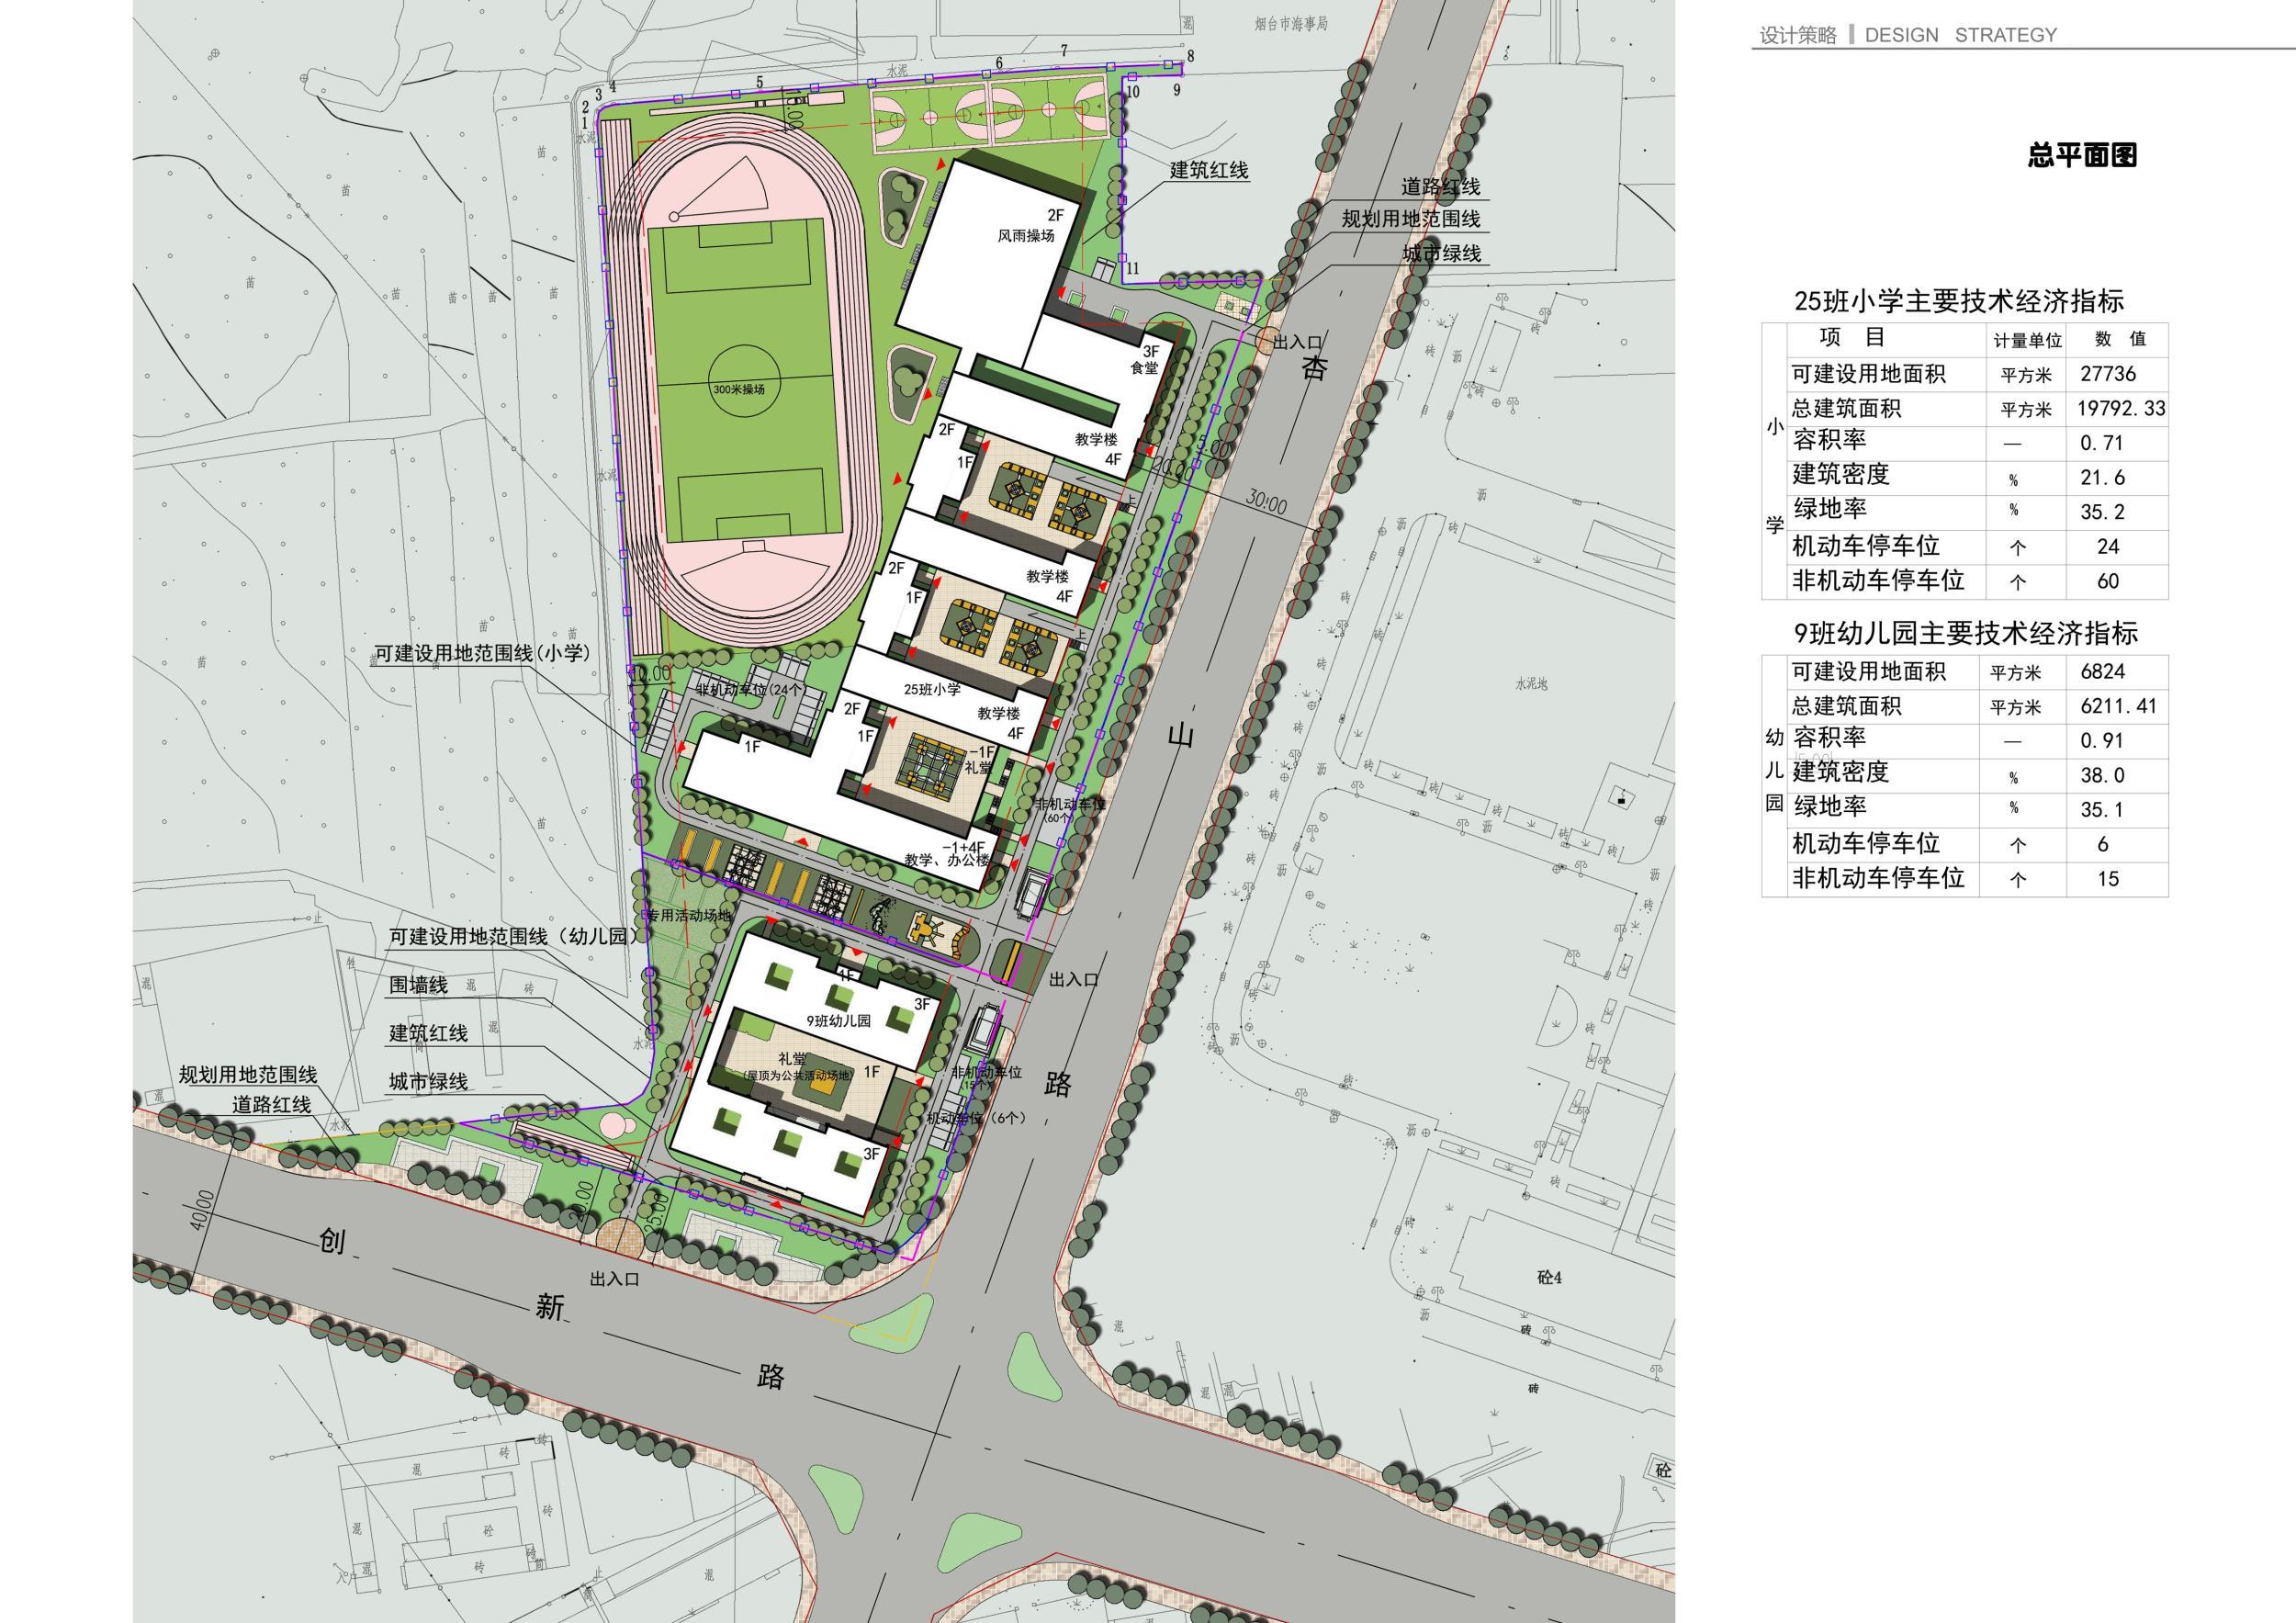 益文小学及幼儿园规划选址及规划建筑设计方案规划批前公示